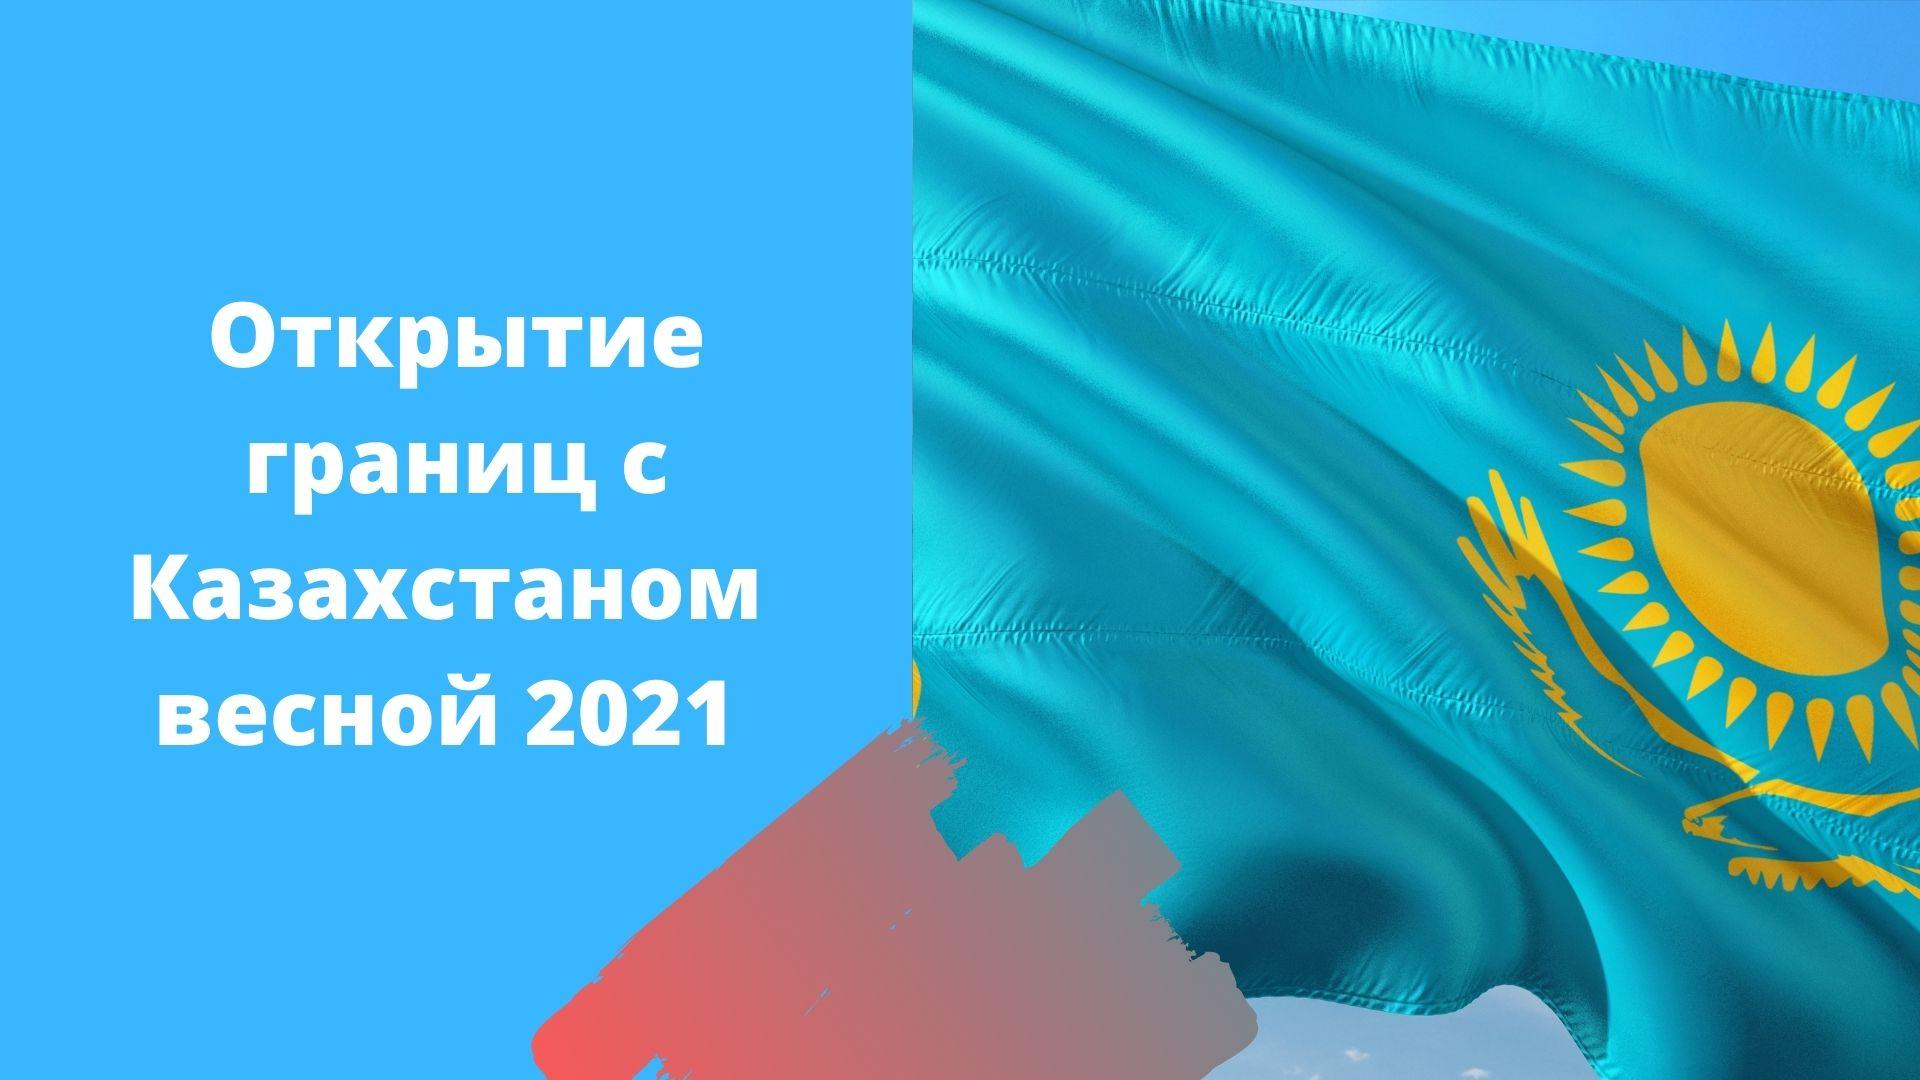 Открытие границы с Казахстаном 2021